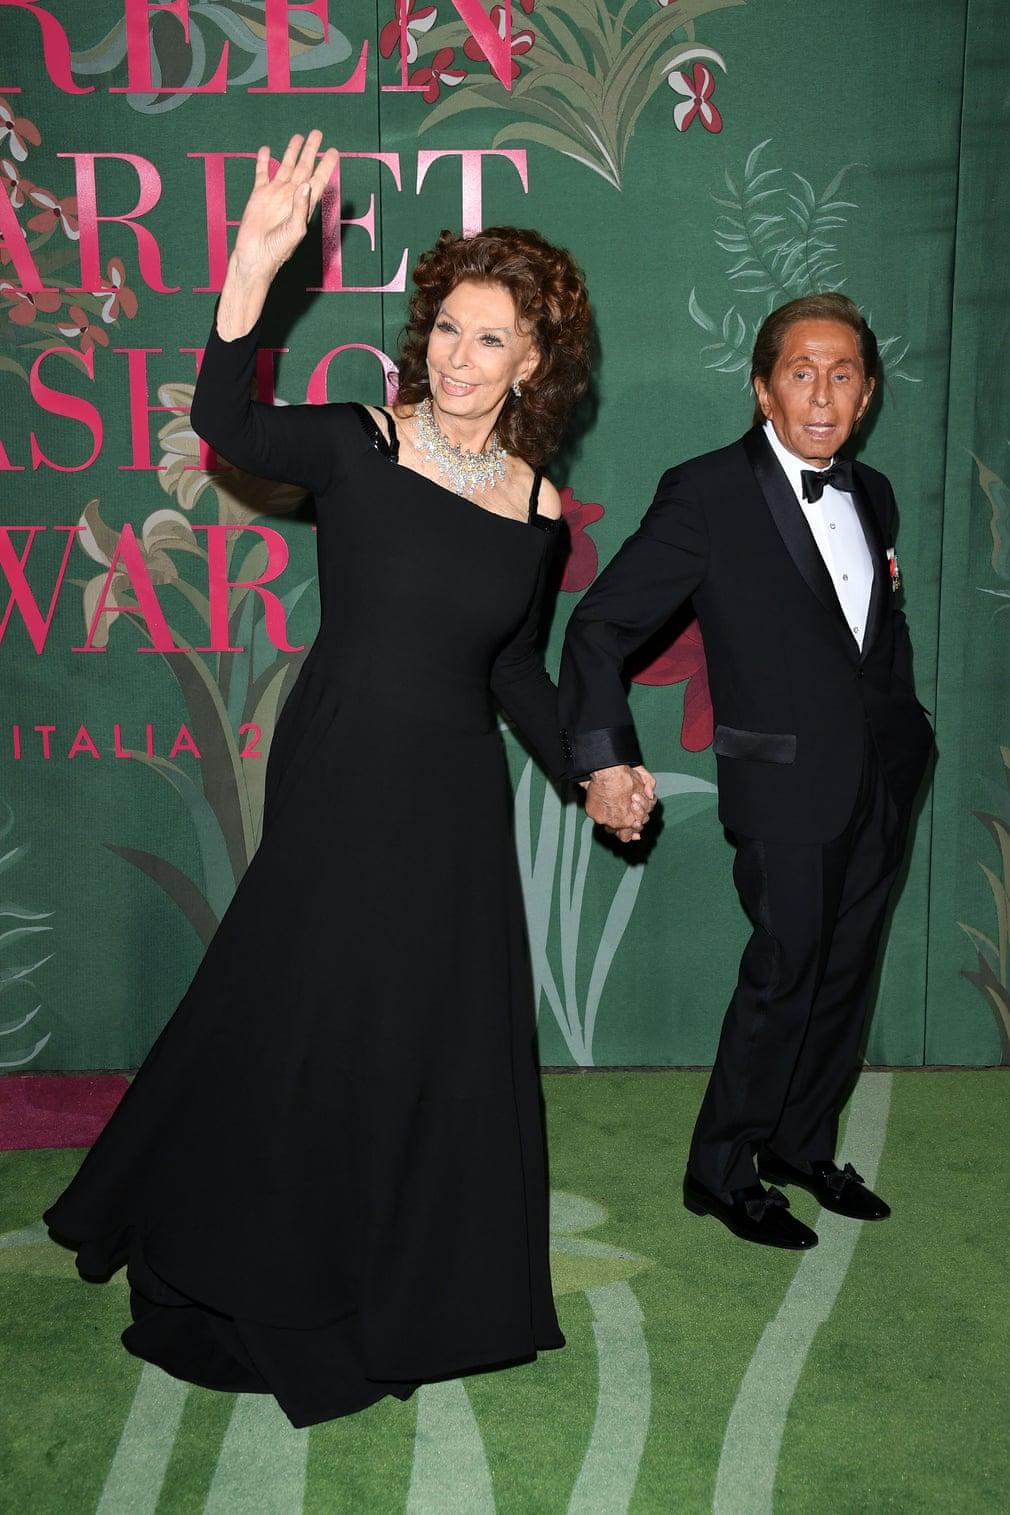 Nữ diễn viên Sophia Loren xuất hiện tại green carpet fashion awards với phụ kiện kim cương vintage từ Valentino. Đi cùng với bà là NTK Valentino Garavani. Trong sự kiện, ông được vinh danh giải GCFA legacy award